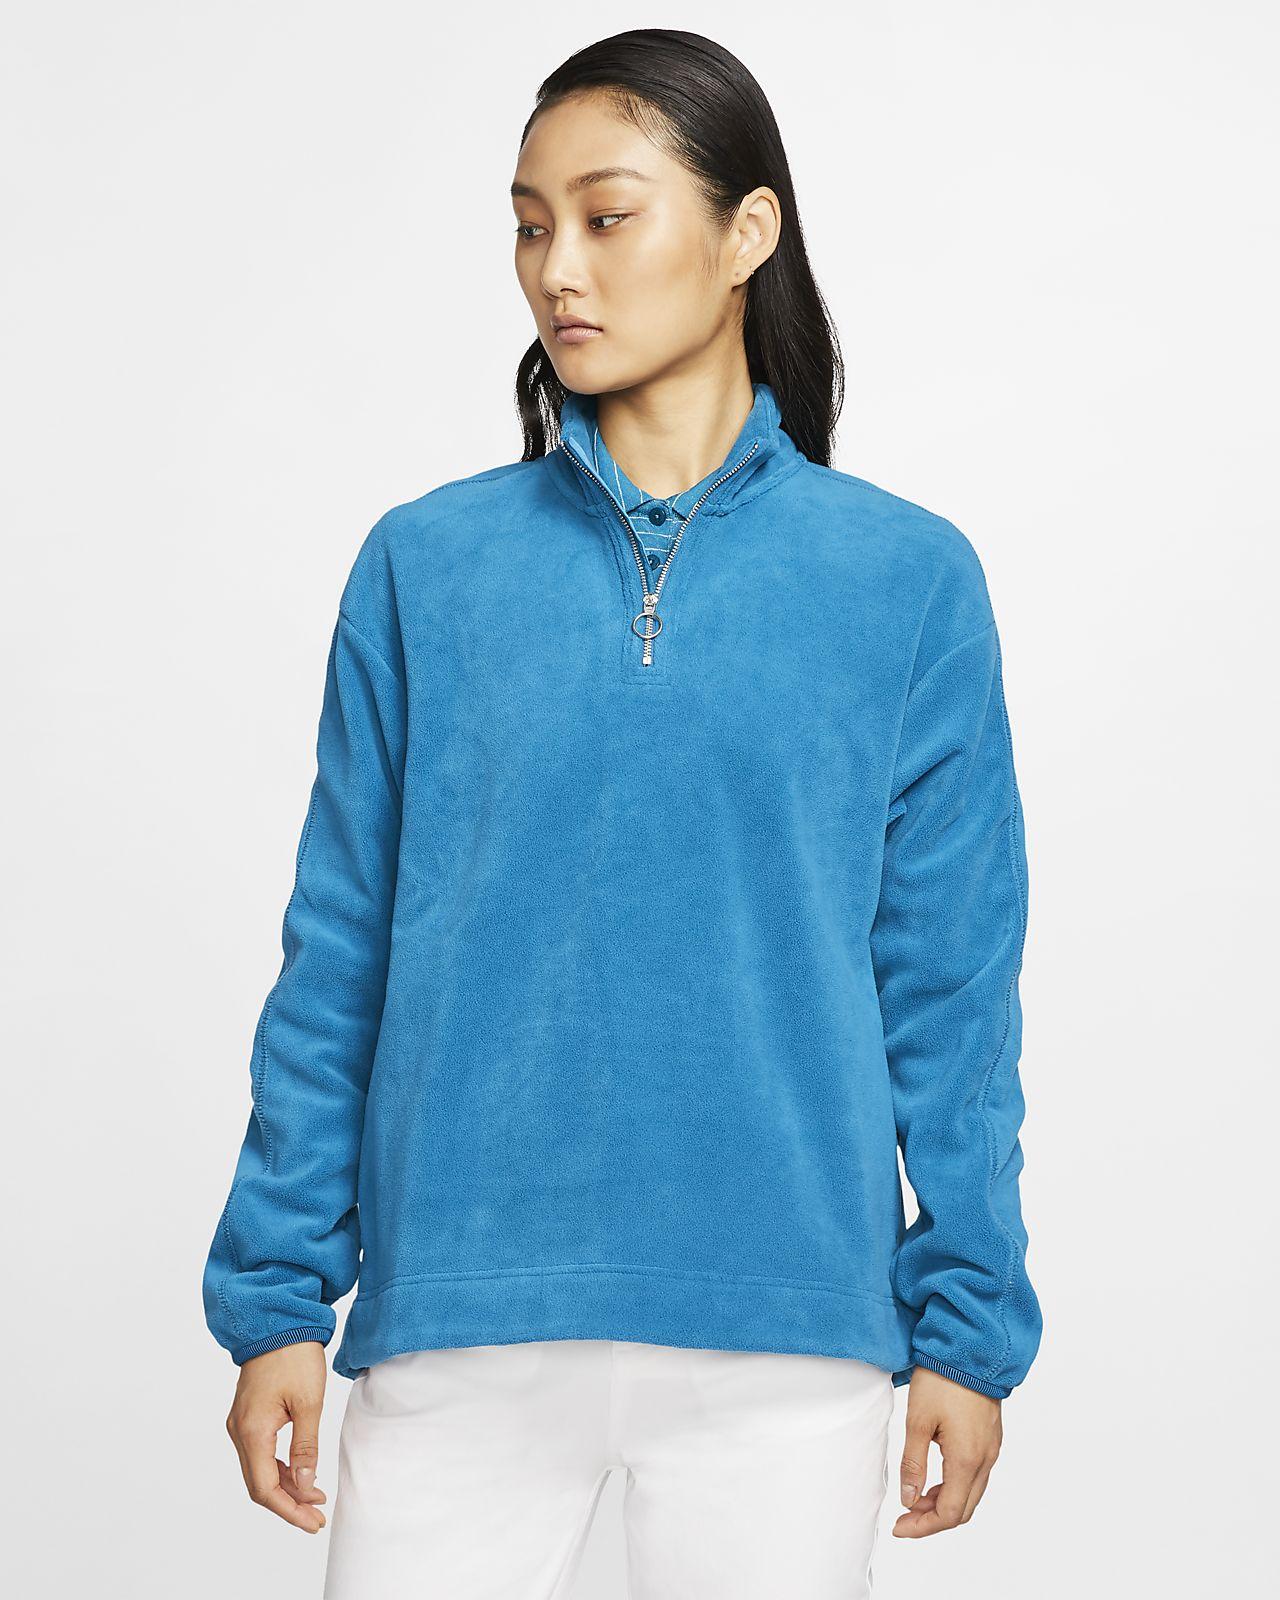 Женская футболка с молнией на половину длины для гольфа Nike Therma Victory